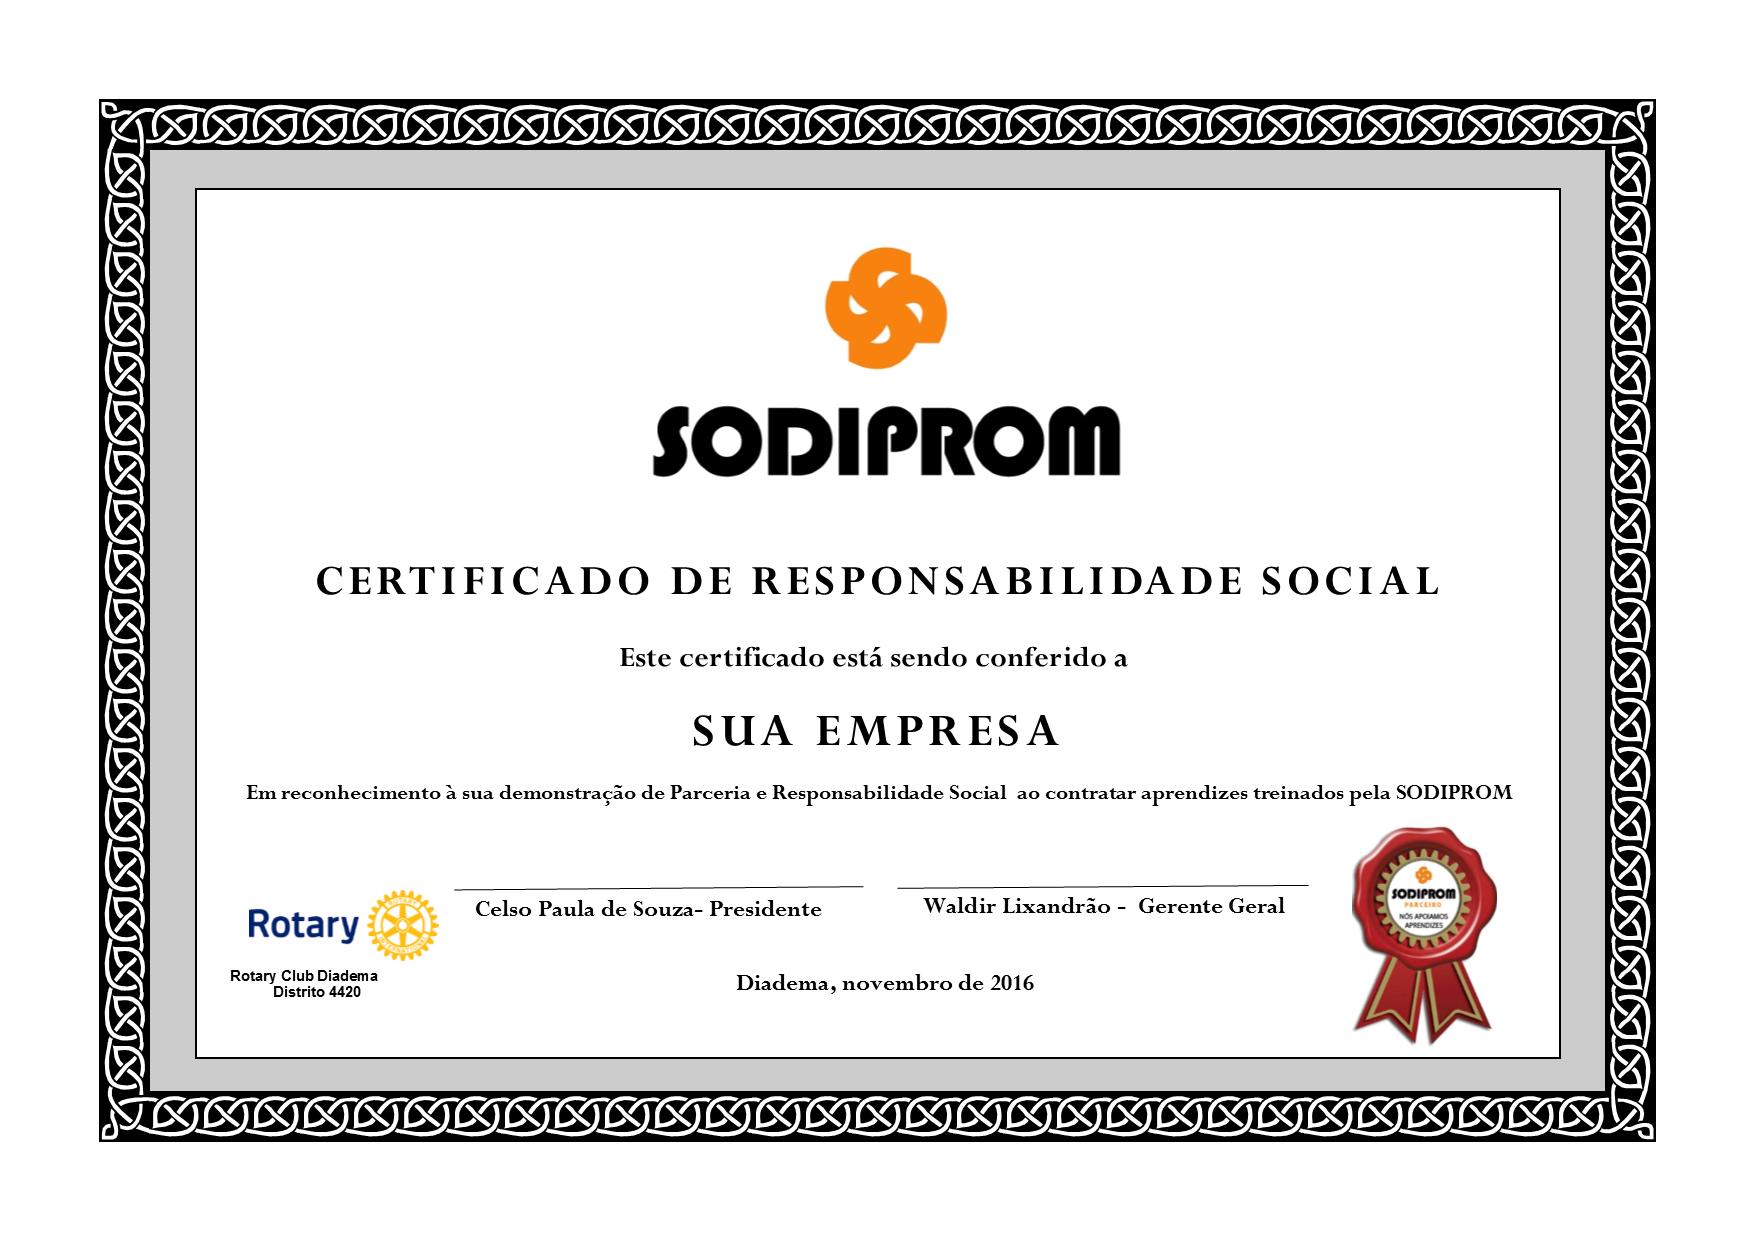 Certificado de Responsabilidade Social edição 2016